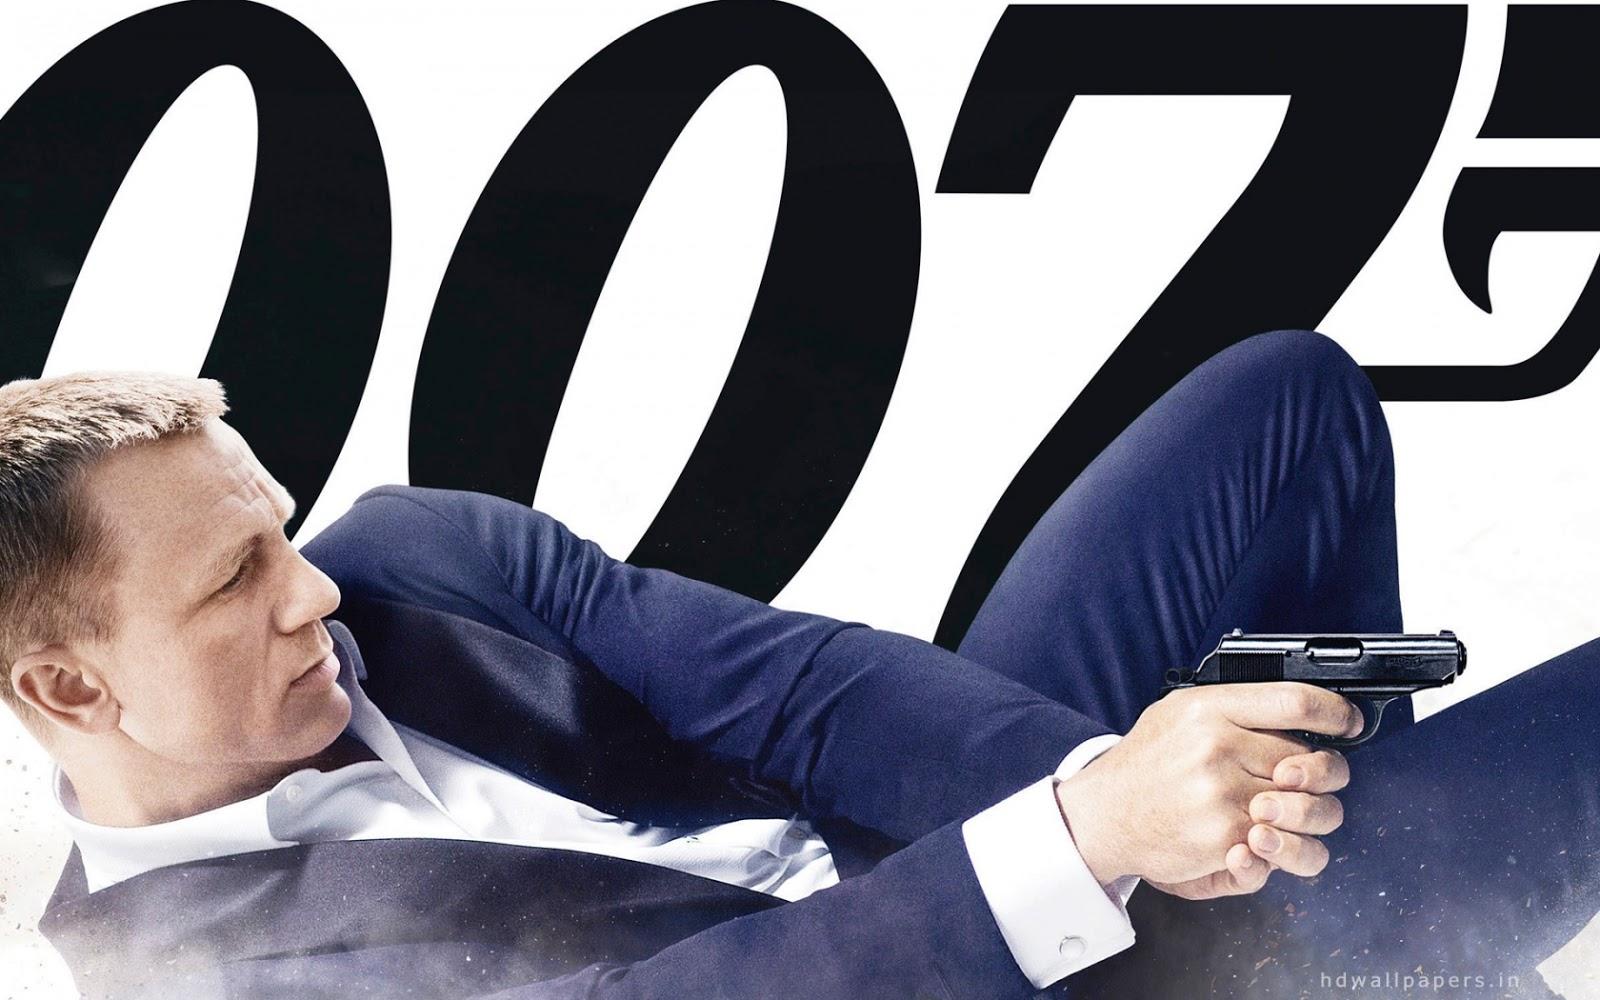 È vero che il prossimo 007 utilizzerà un veicolo eco-friendly?